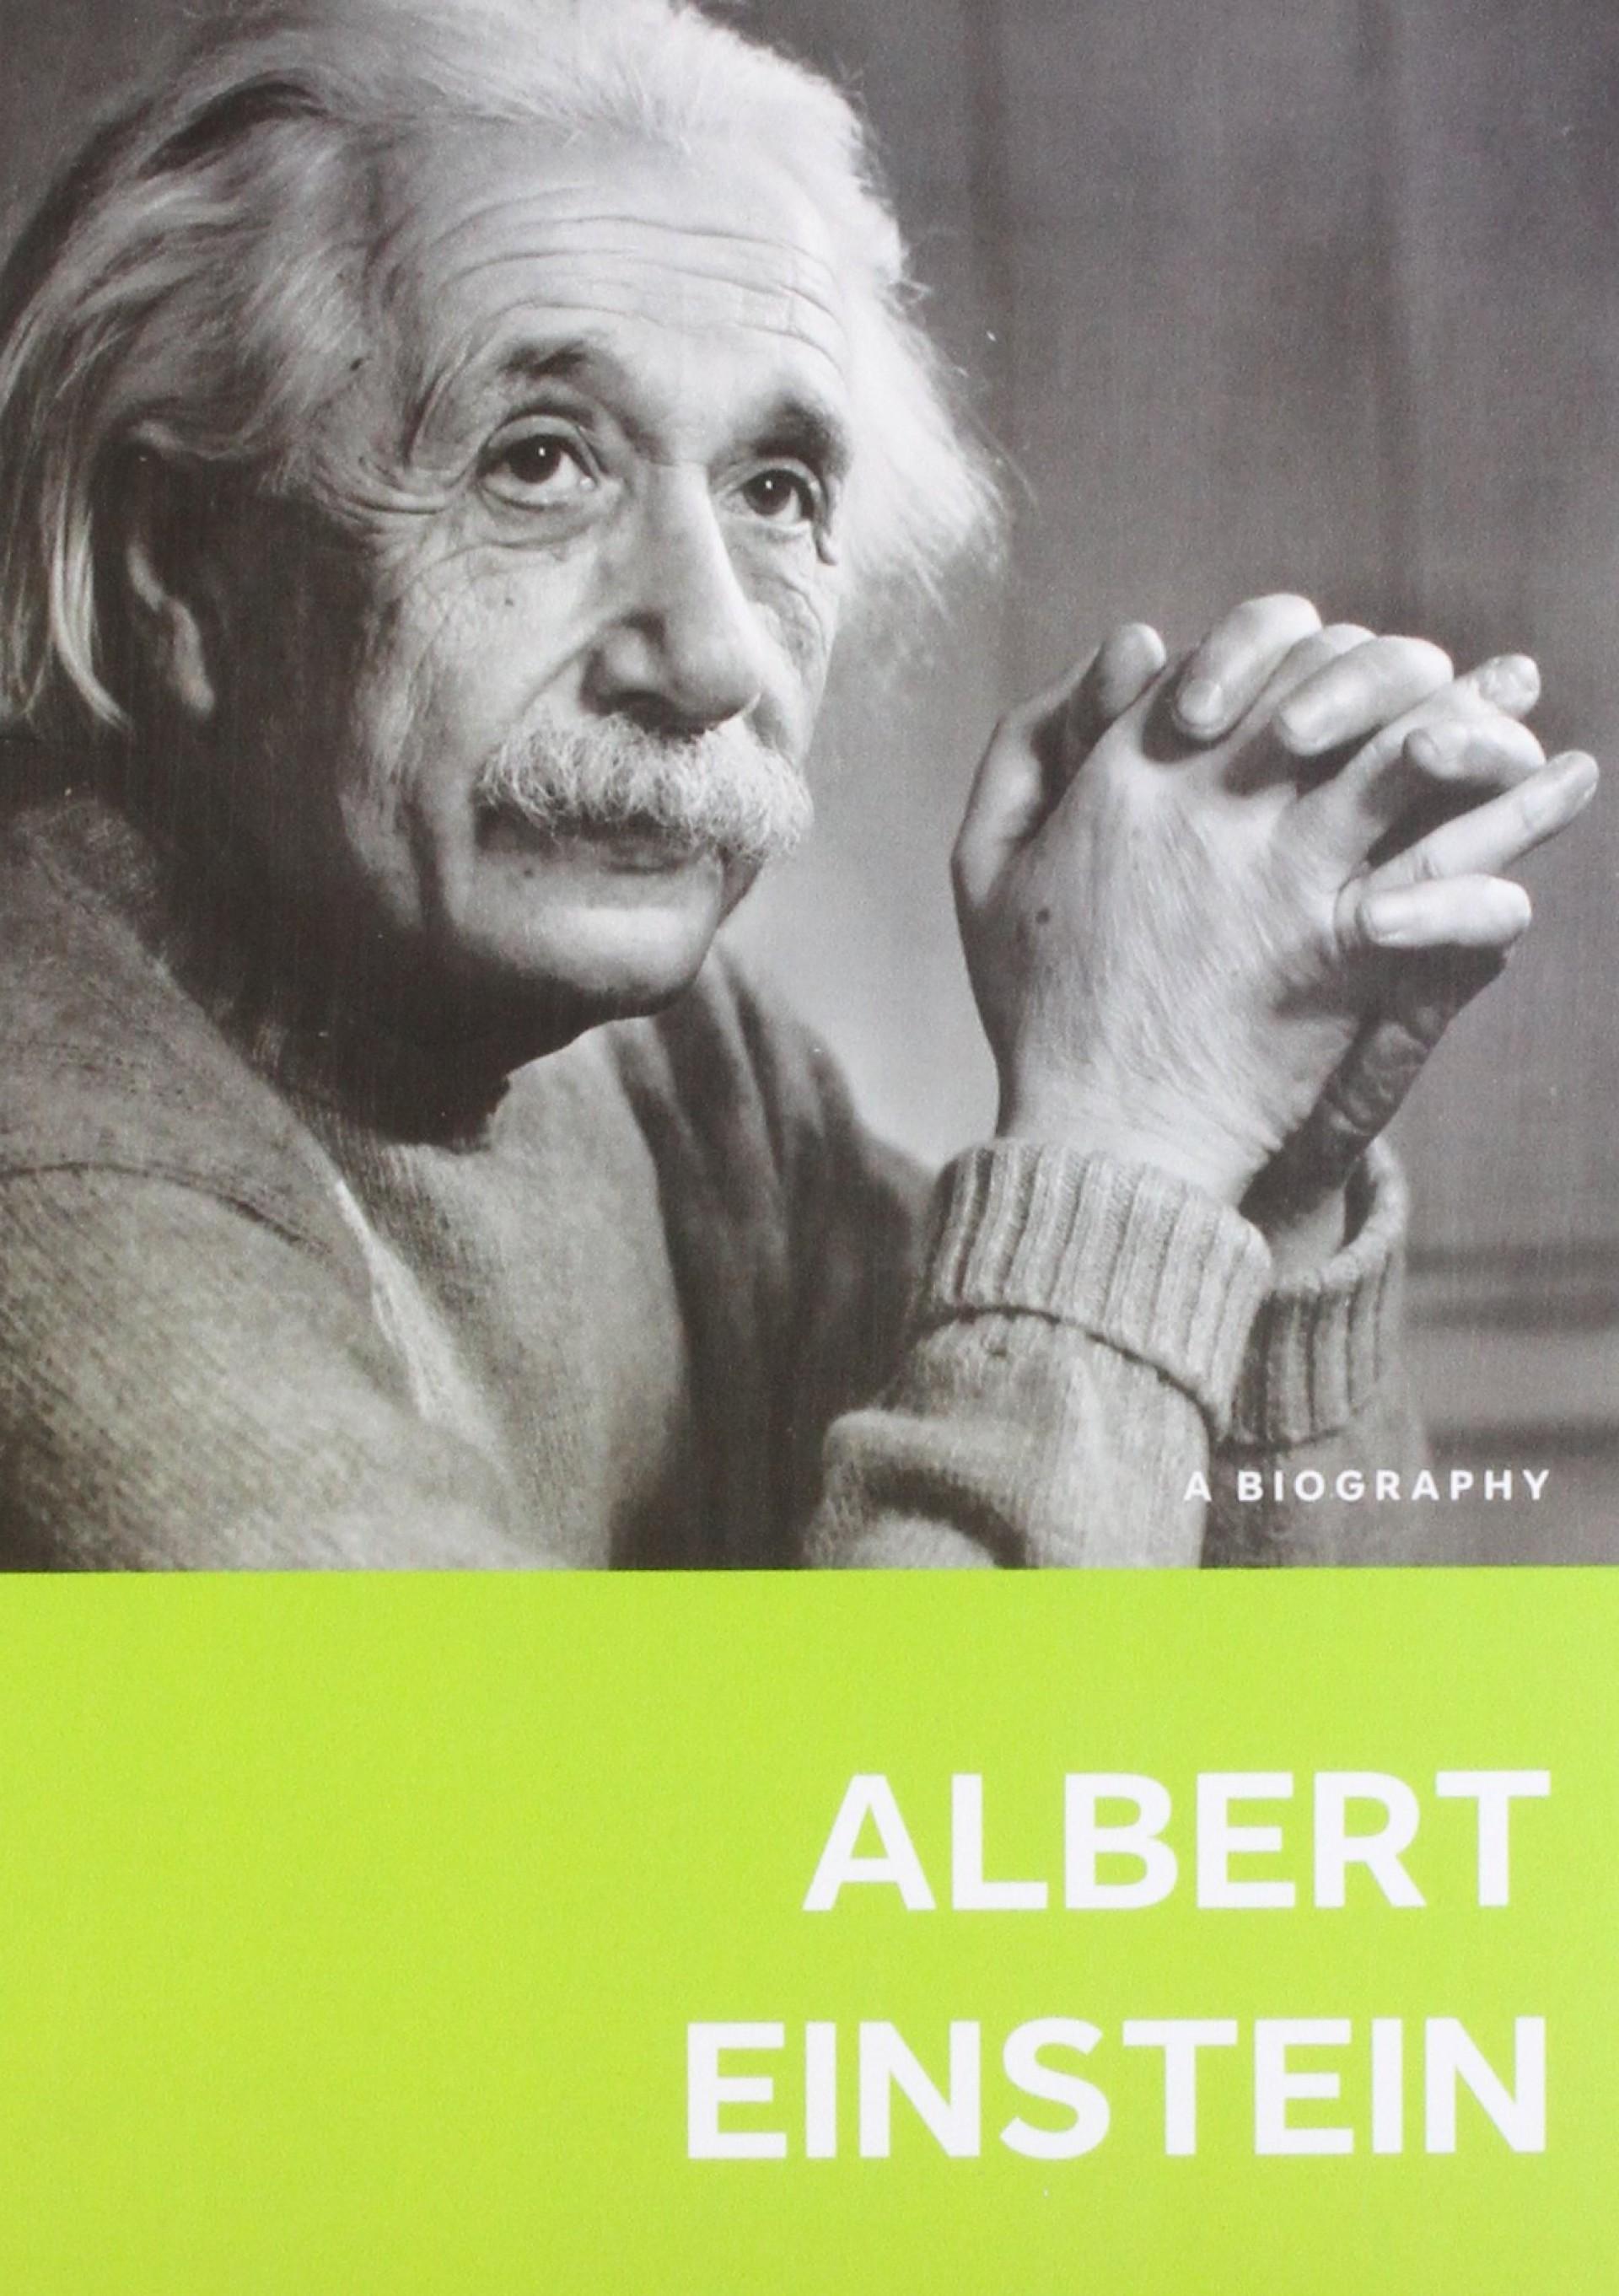 024 Scientist Albert Einstein No Essay Awesome Essays In Humanism Pdf Science Kannada 1920